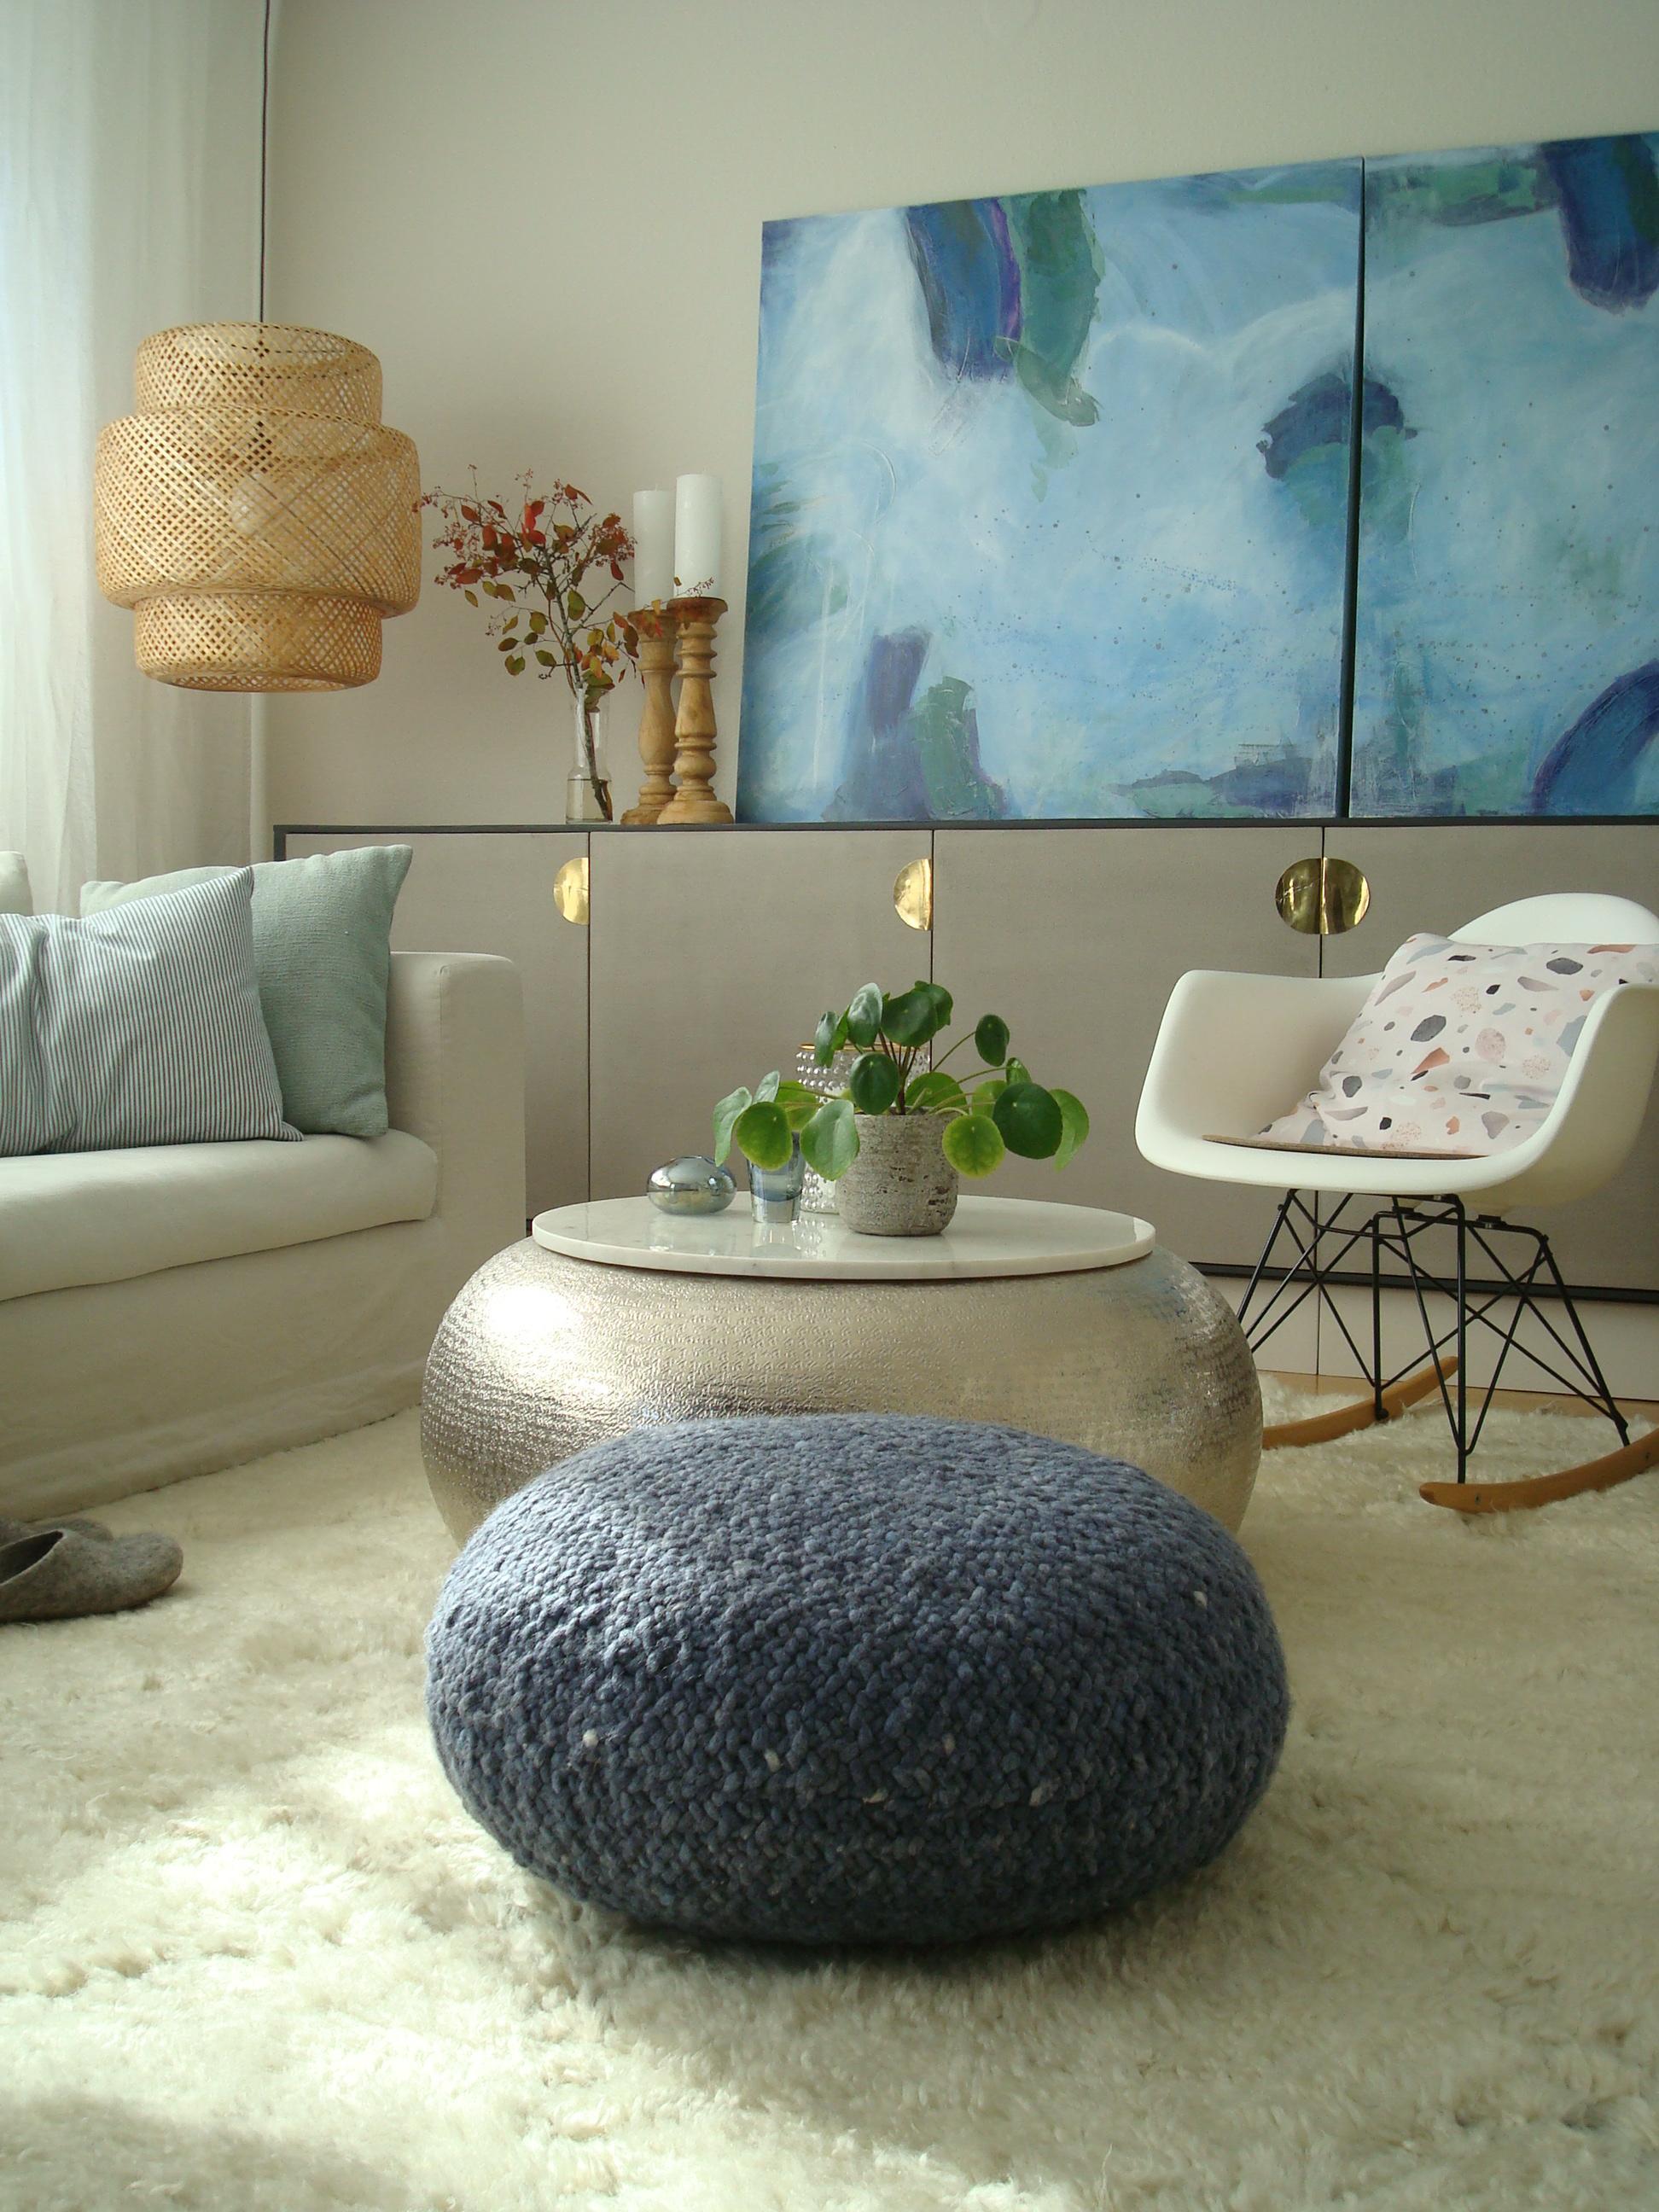 #wohnzimmer #ikeahack #diy #herbst Immer Noch Helle Farben Im Wohnzimmer,  Wenigstens